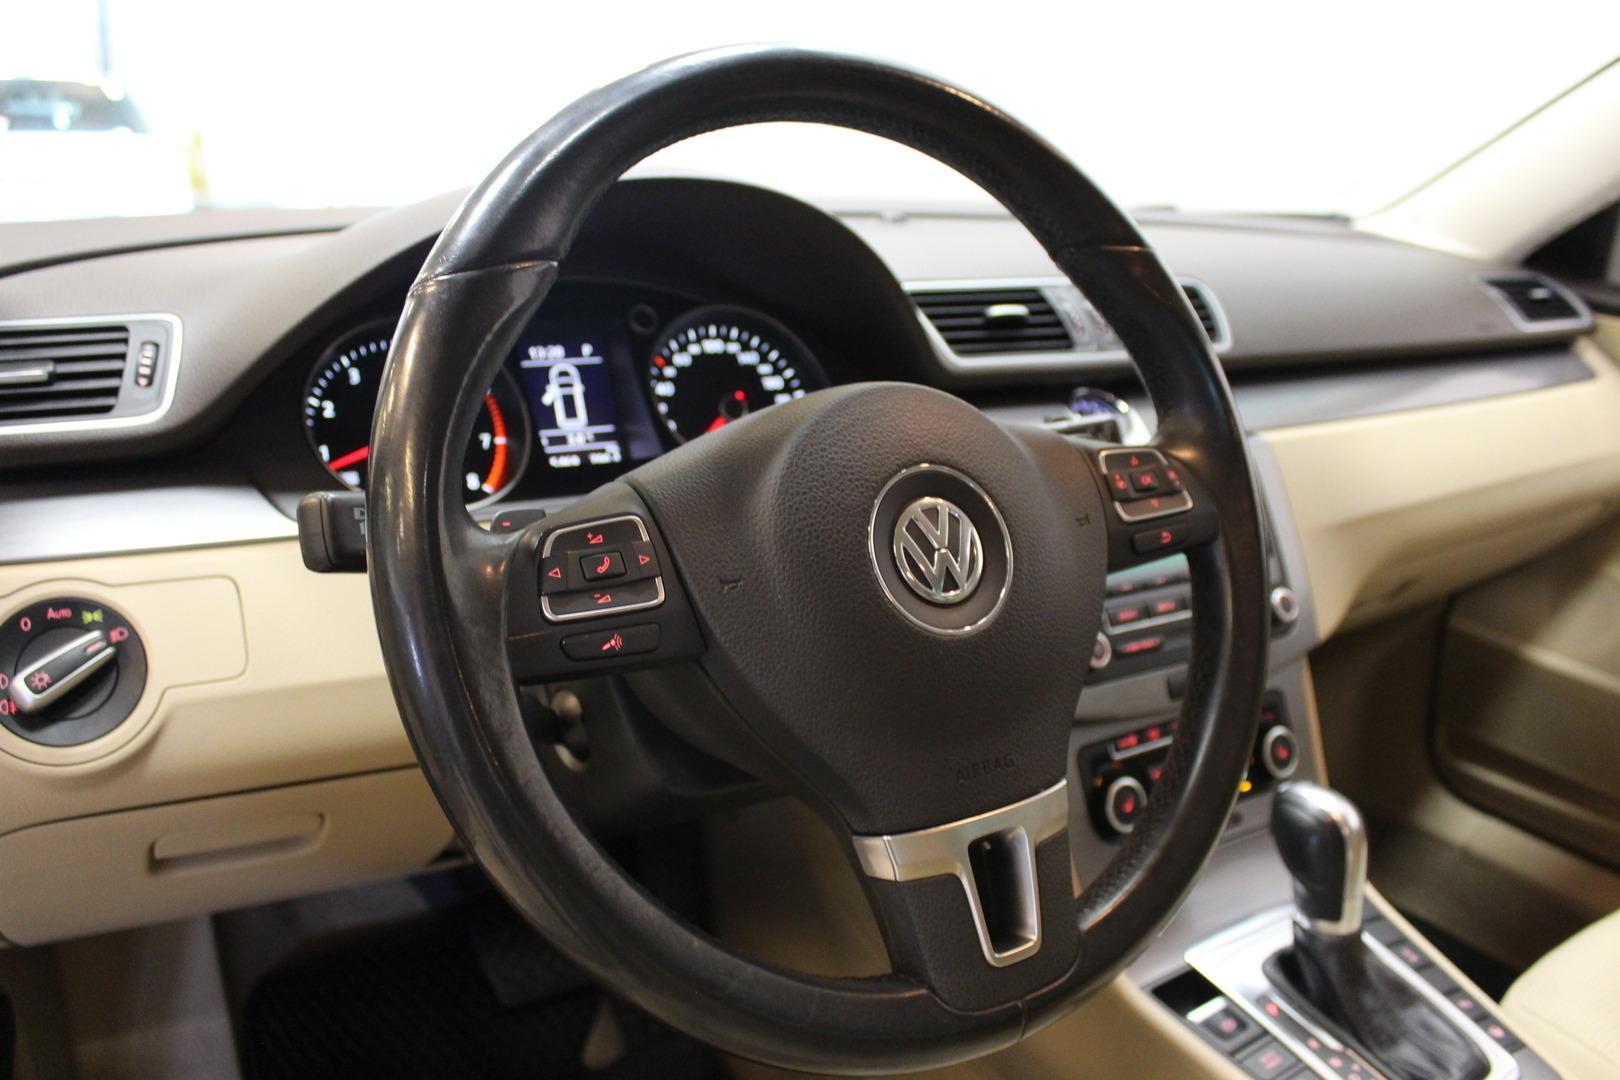 Volkswagen Passat, 1,4 TSI 90 kW Comfortline BlueMotion Technology #Suomi-auto #Bi-Xenonit #Hyvät varusteet